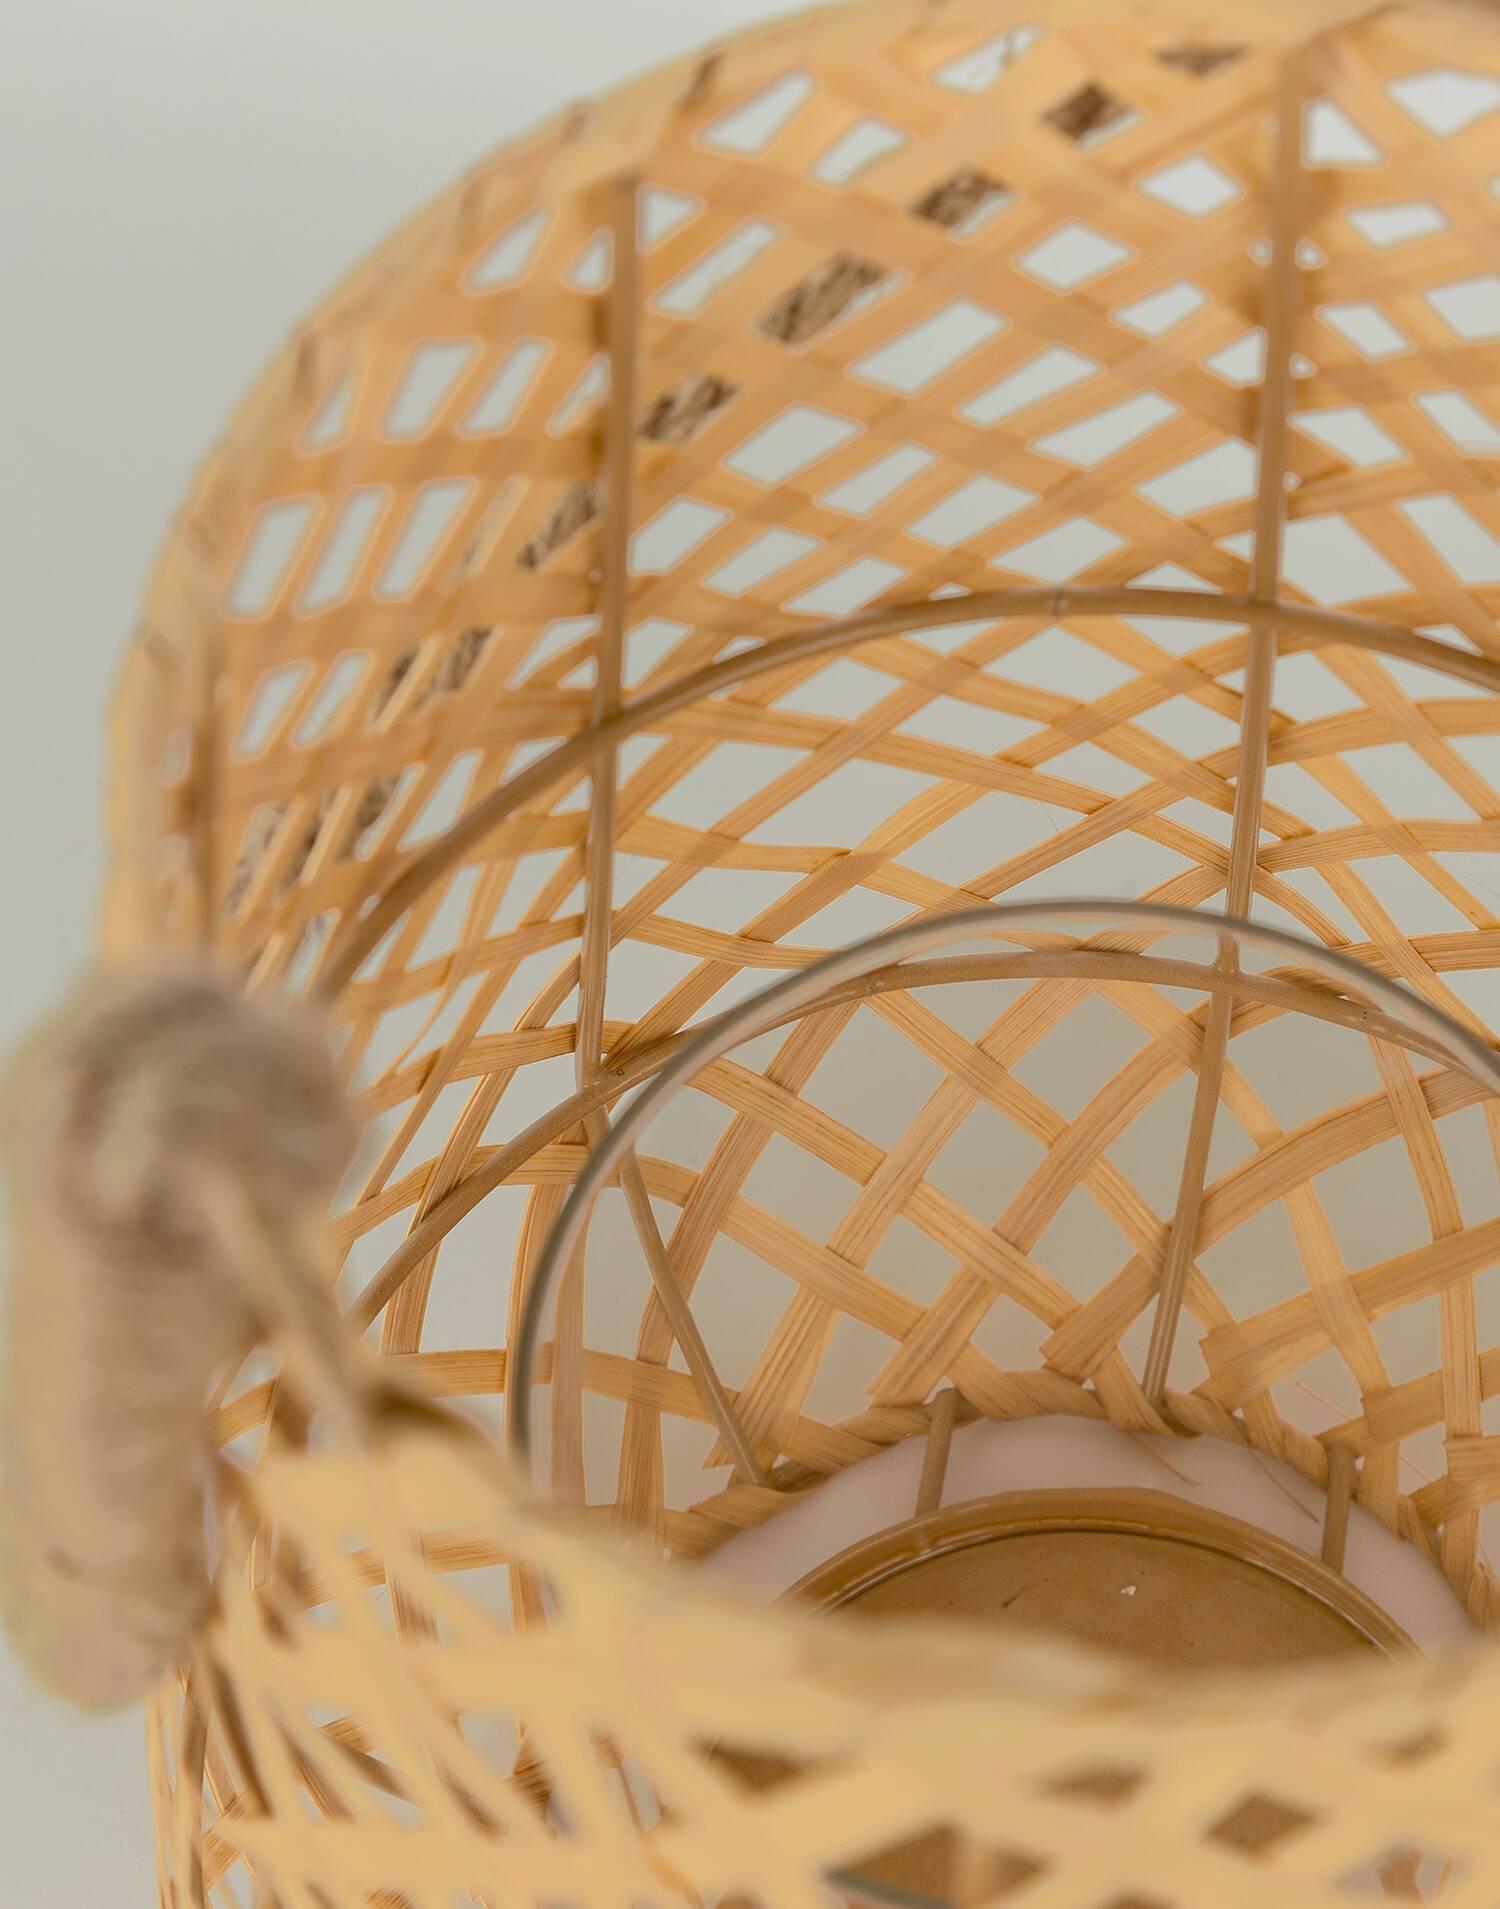 Basket candle holder